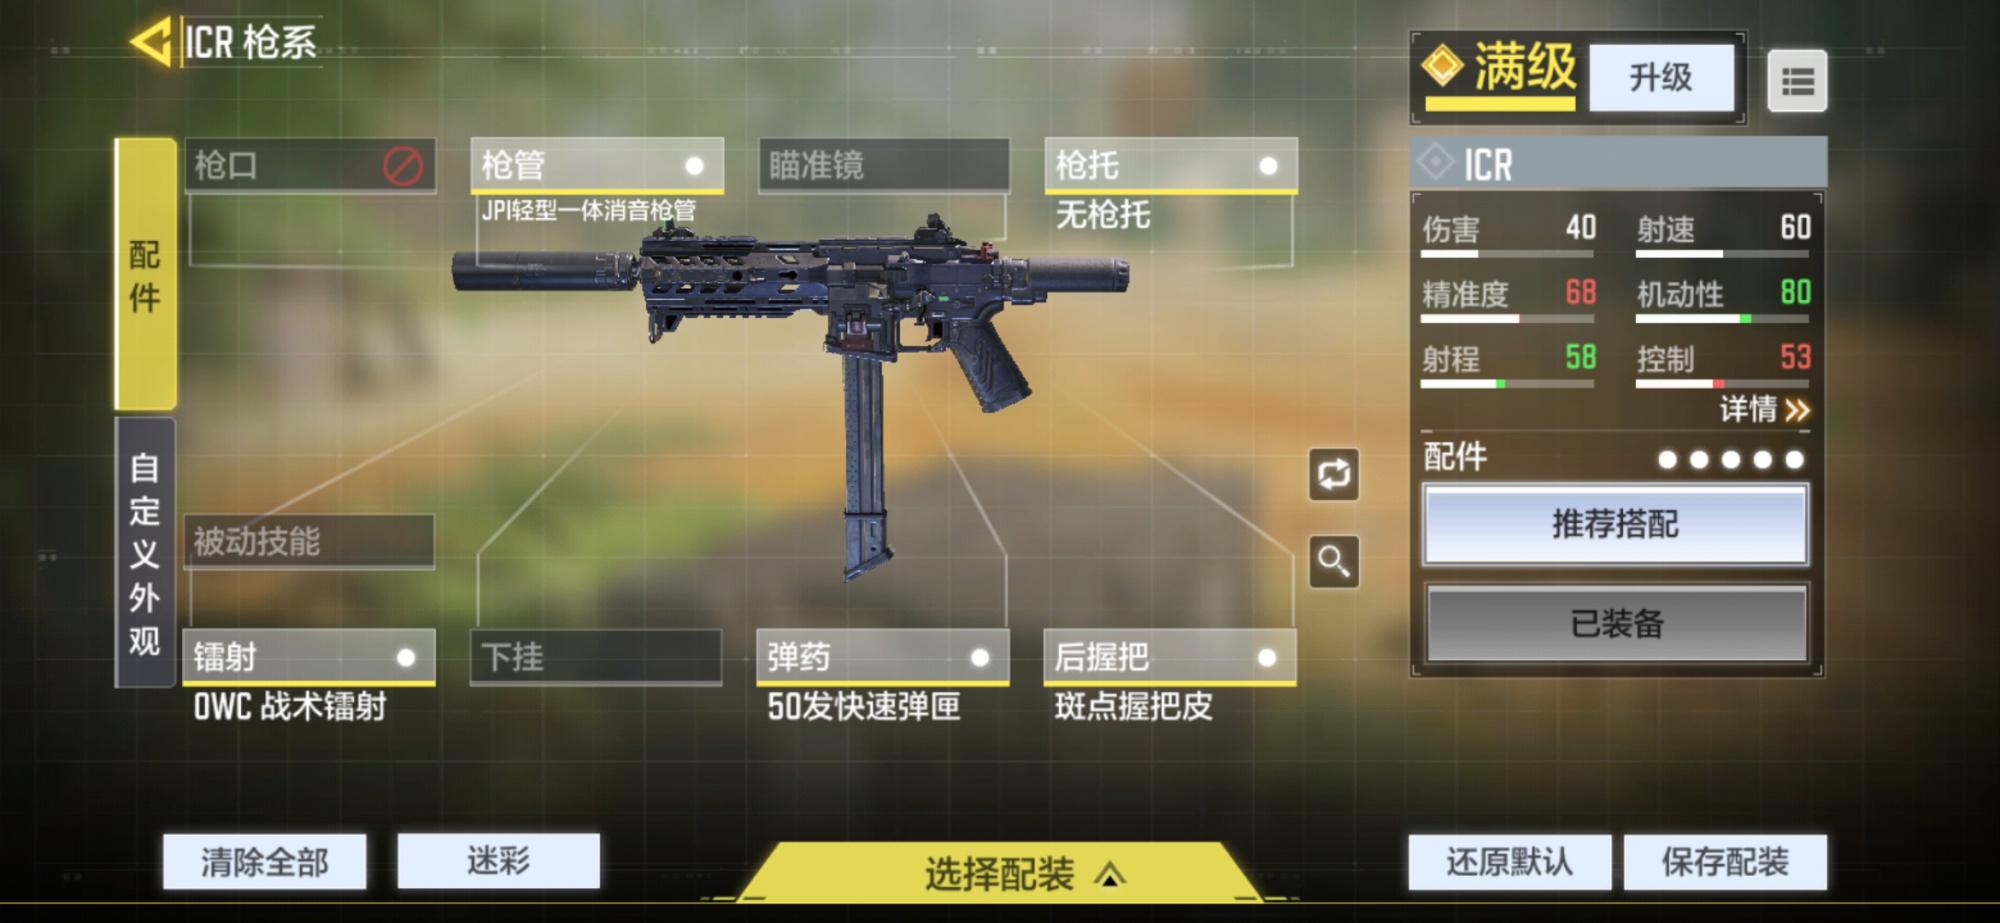 《【煜星登陆注册】使命召唤手游:ICR明明是步枪,为什么高手把它当作冲锋枪来用?》